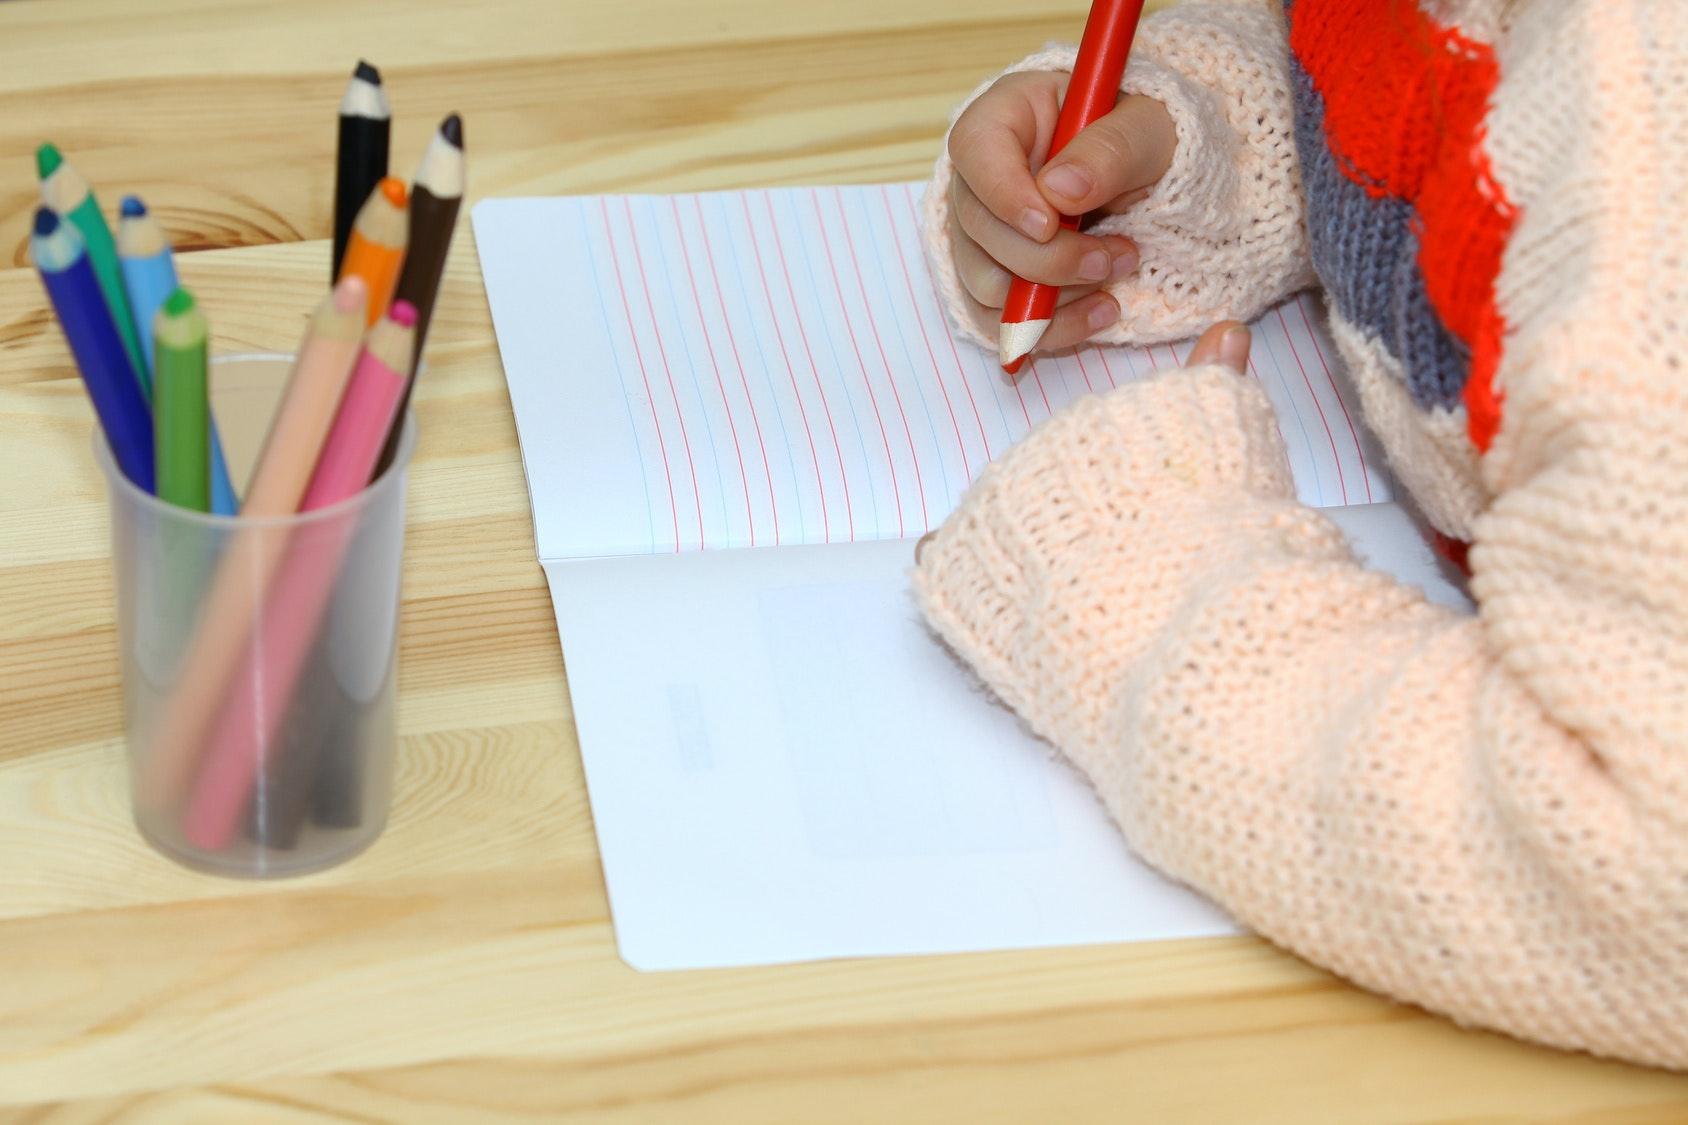 Apprendre à son enfant à bien tenir son crayon ou son   stylo